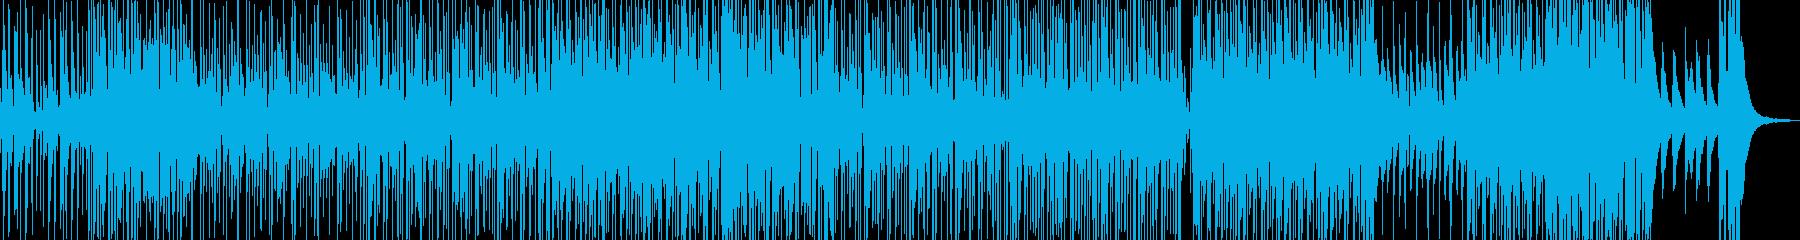 楽しくも切ないR&Bの再生済みの波形